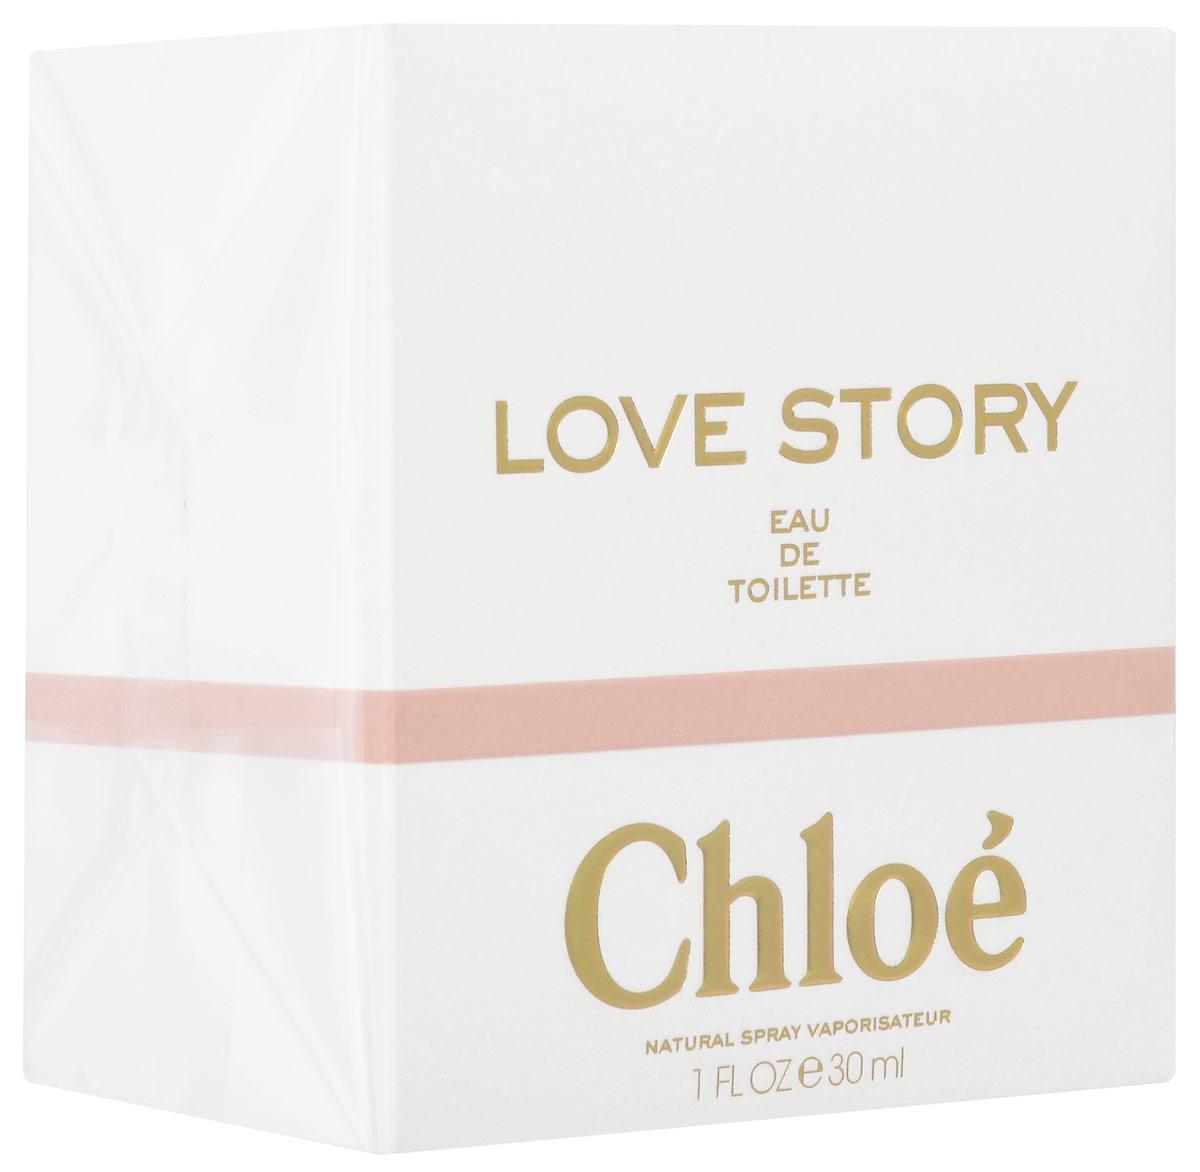 Chloe Love Story Туалетная вода женская 30 мл64990440000Новинка от модного французкого дома Chloe - это современная история обольщения. Аромат свободной женщины в стиле Chloe . Элегантный свежий цветочный зеленый аромат, который раскрывает тонкий букет растений. Верхние ноты: цветок апельсинового дерева Ноты